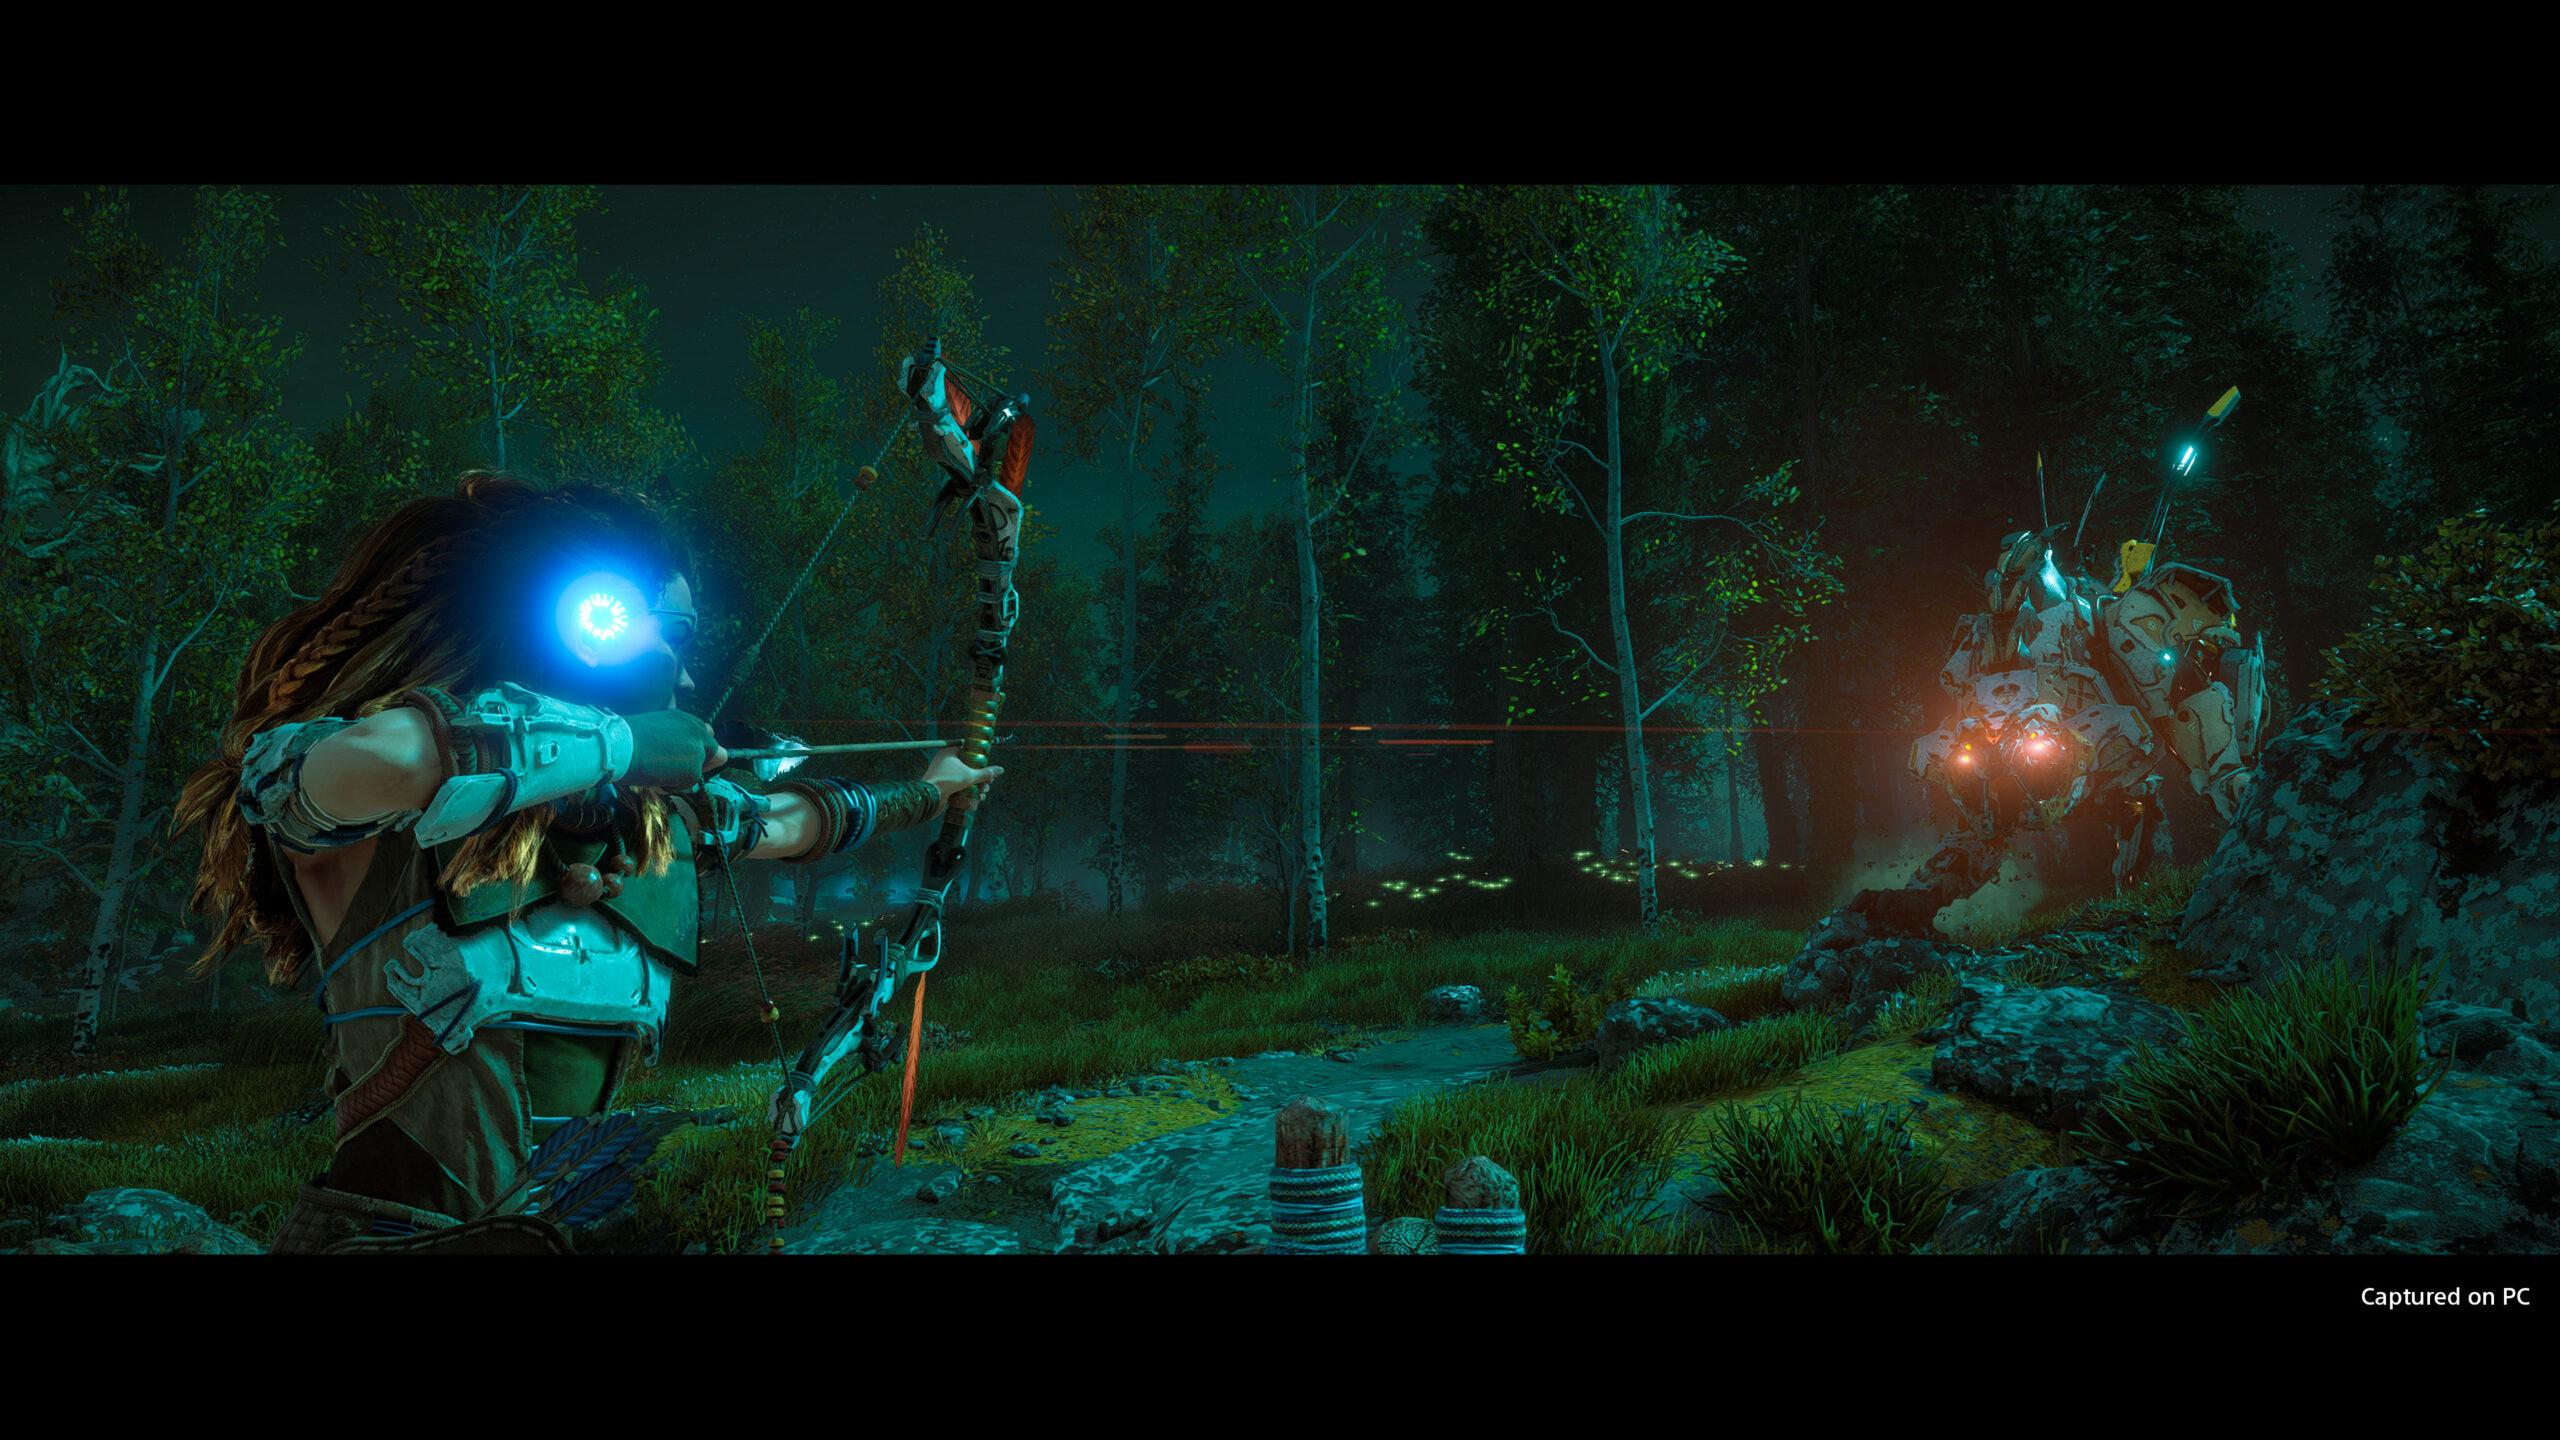 Horizon Zero Dawn PC Screen 1